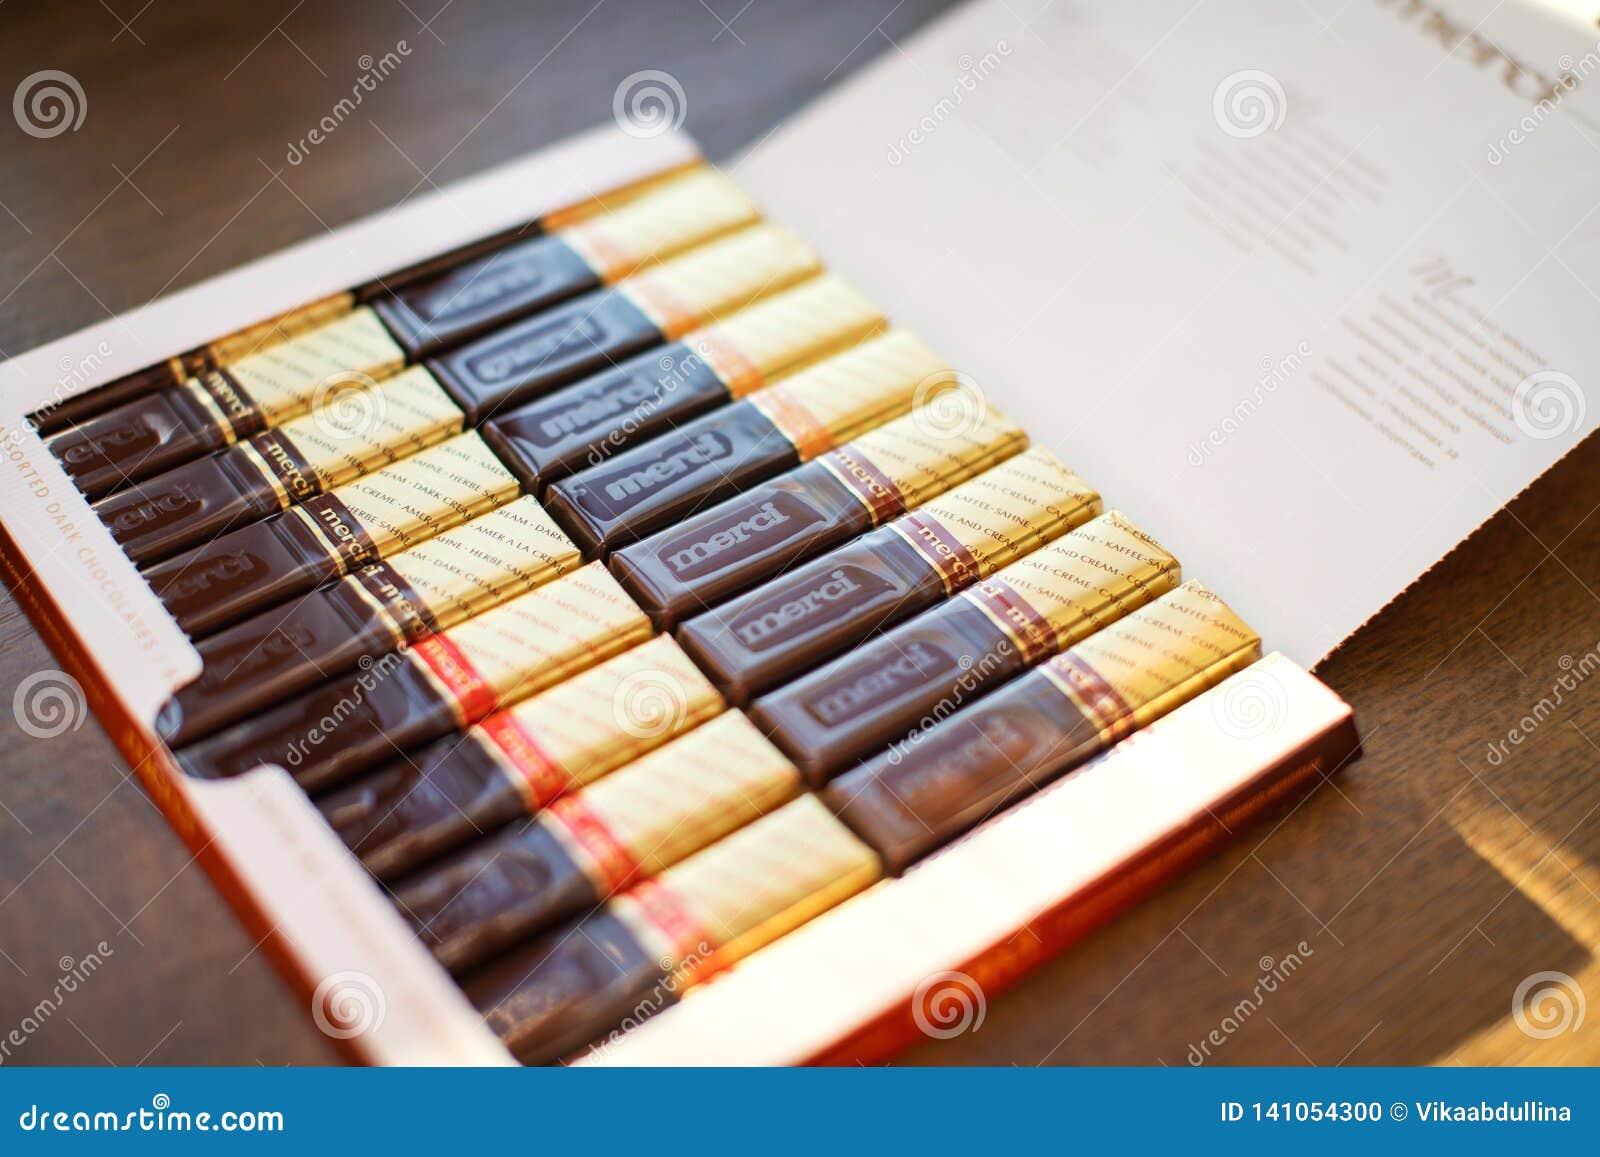 Cioccolato di Merci - marca di caramella di cioccolato manifatturiera dalla società tedesca August Storck, venduto in più di 70 p